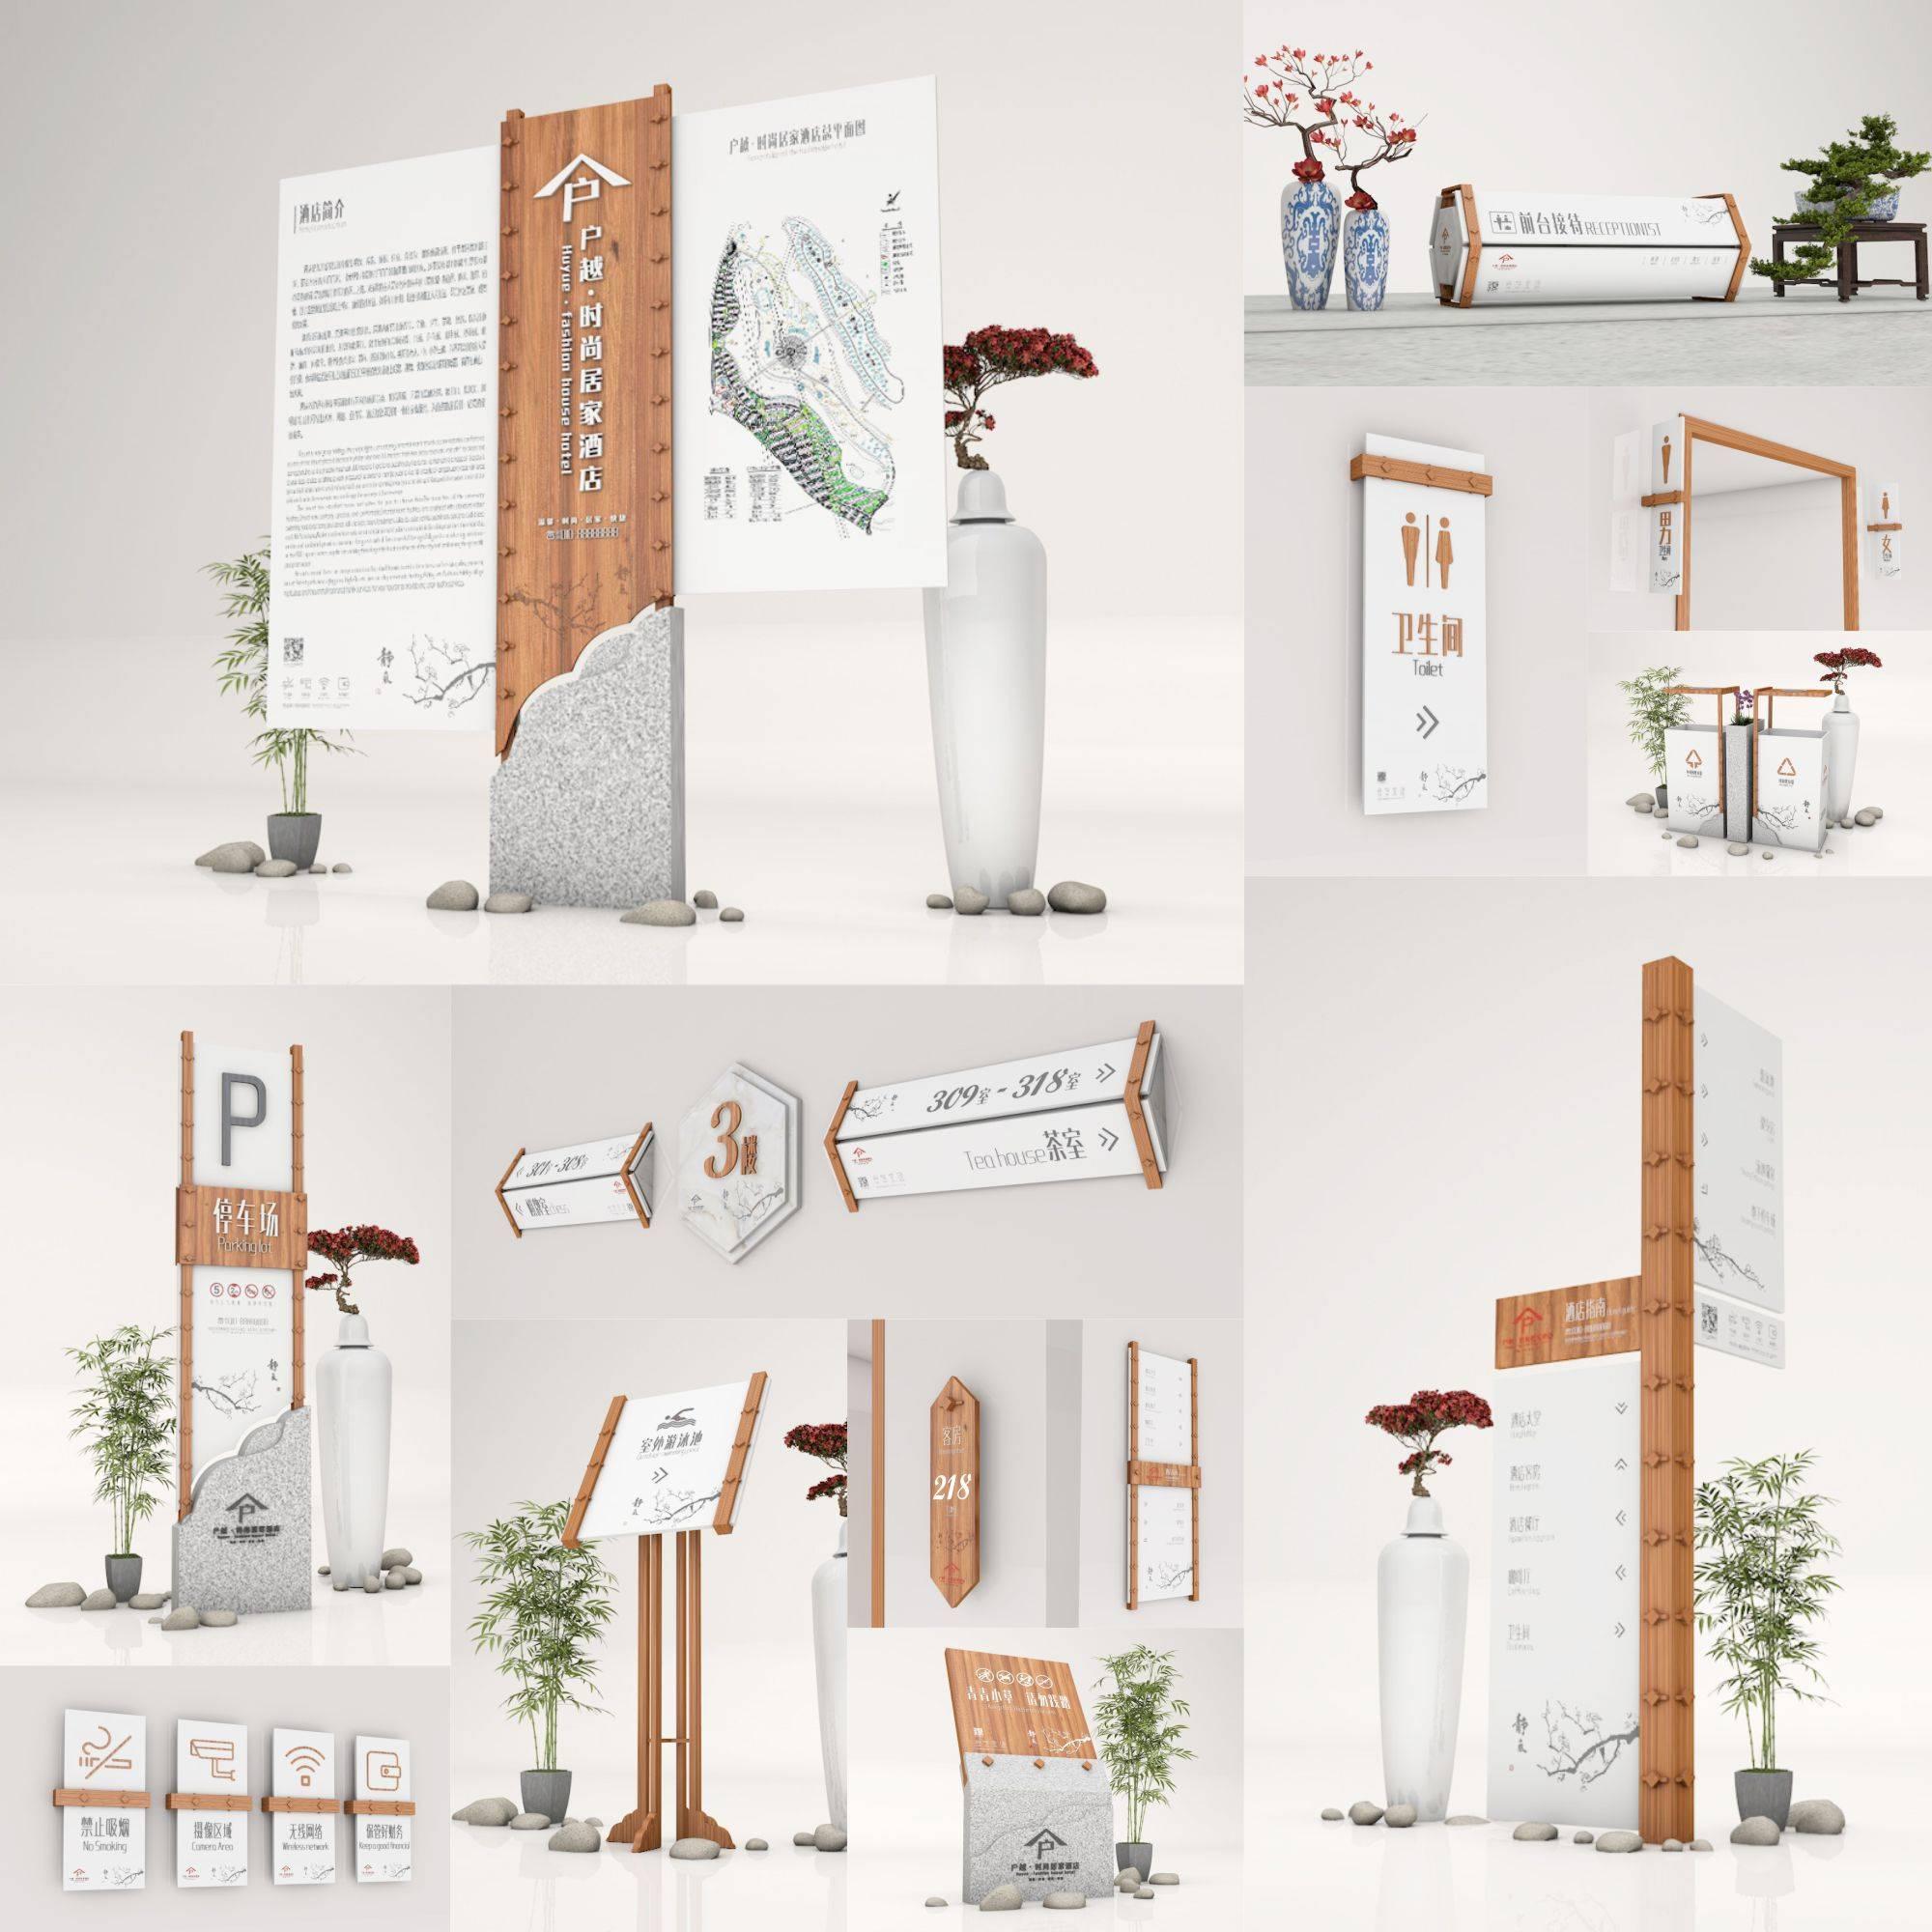 长沙时尚居家酒店全套标识导视系统设计